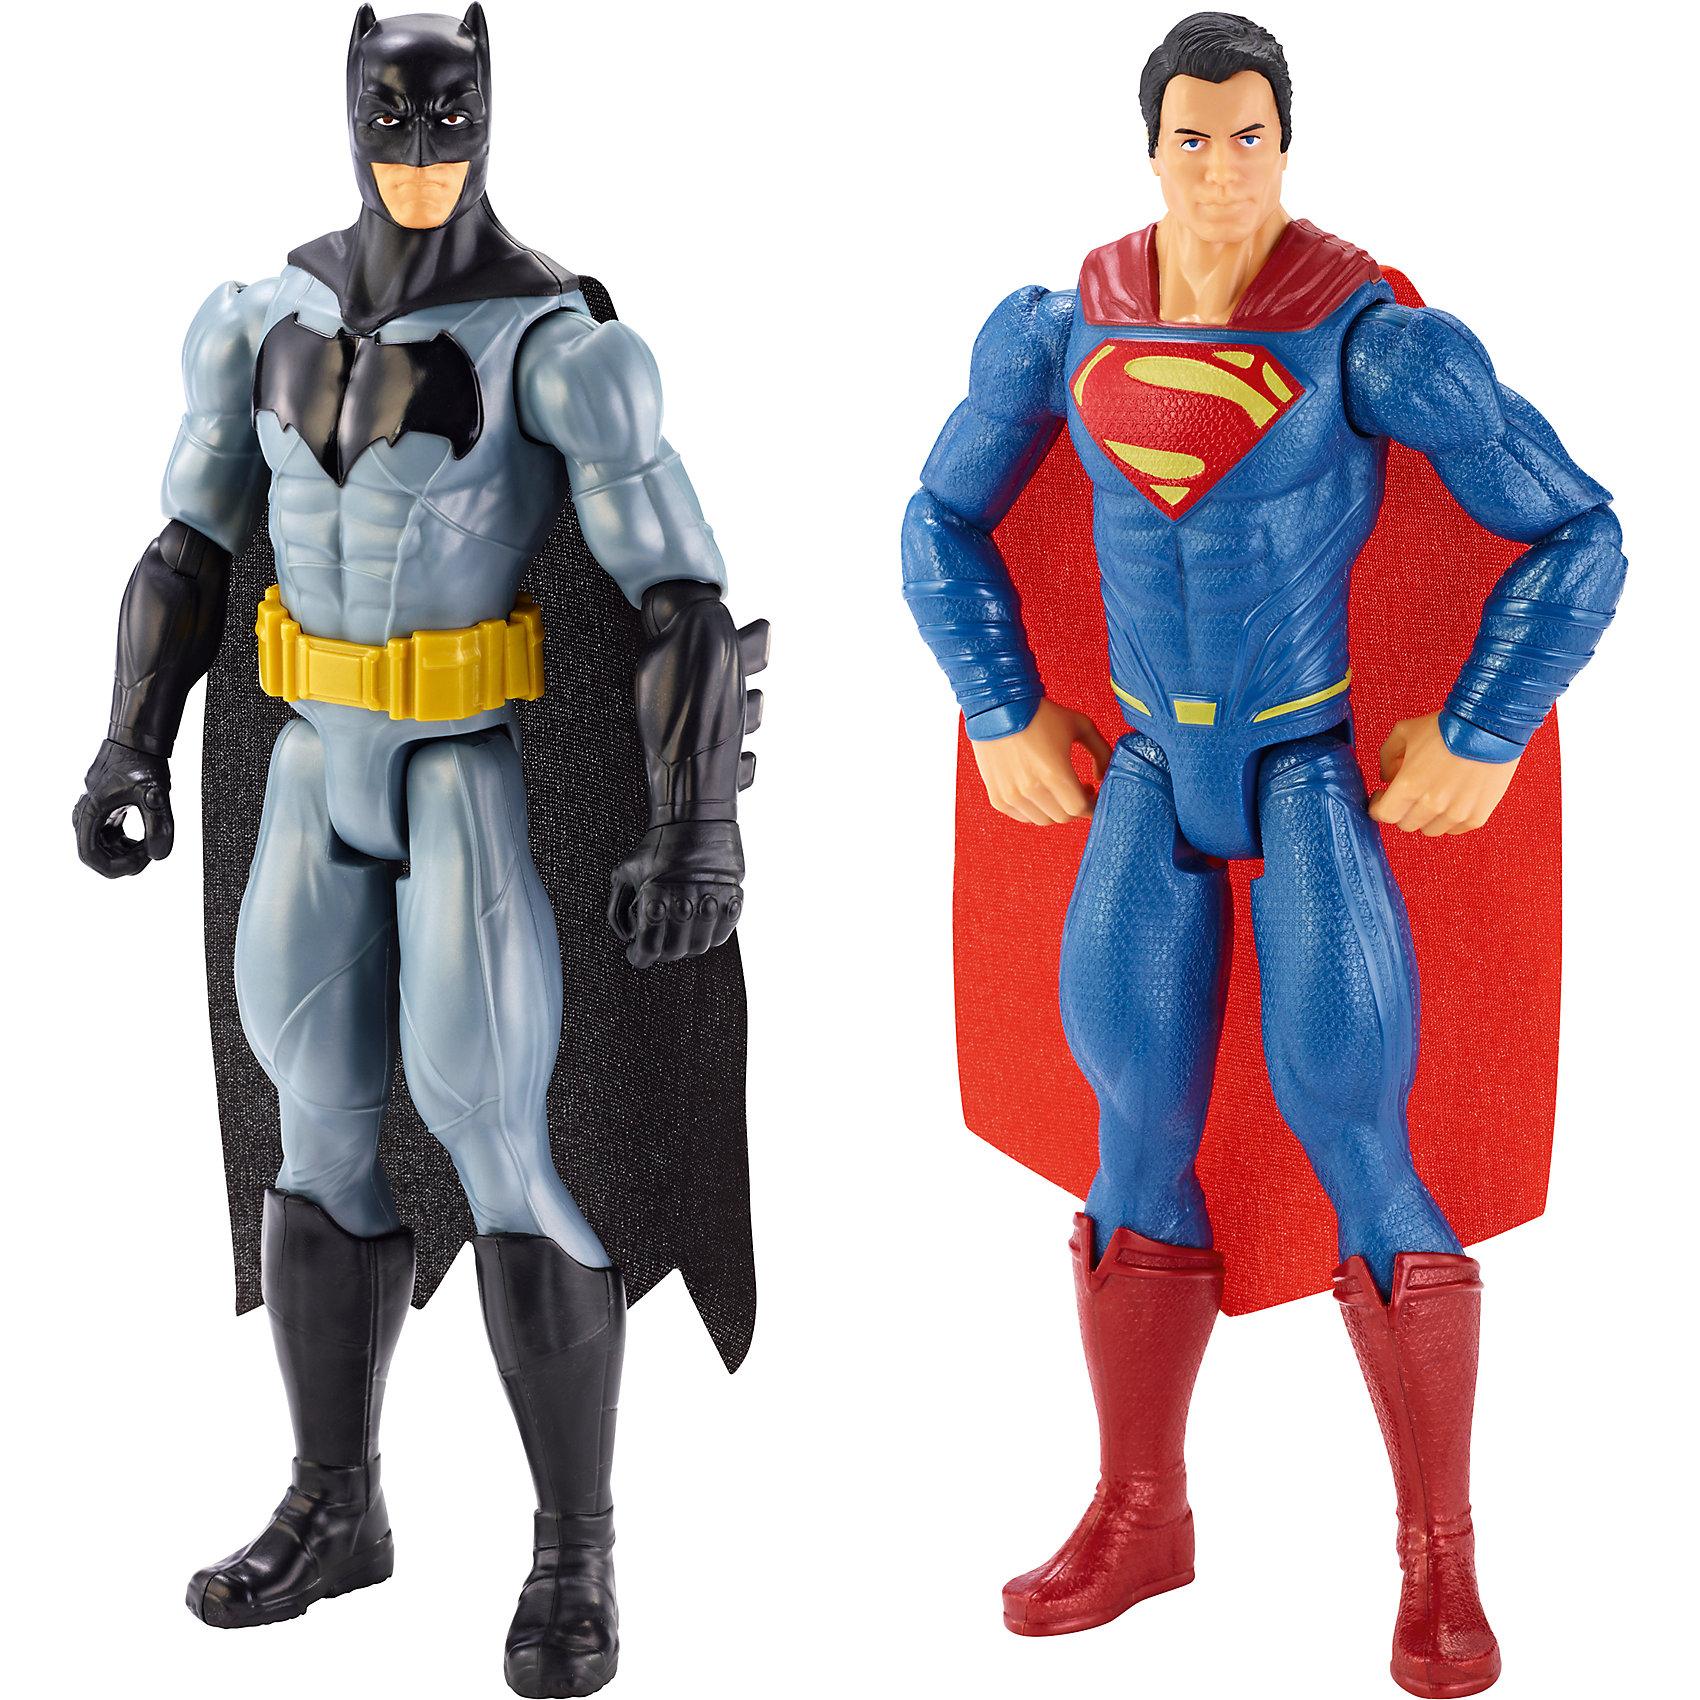 Игровой набор Бетмен против СуперменаБэтмен<br>Дополнительная информация:<br><br>В комплекте 2 фигурки: Супермен и Бэтмен<br>Высота фигурок: 30 см<br>Размер упаковки: 23,3 см x 6,2 см x 30,7 см<br><br>Игровой набор Бетмен против Супермена (Batman vs Superman) можно купить в нашем магазине.<br><br>Ширина мм: 307<br>Глубина мм: 233<br>Высота мм: 60<br>Вес г: 489<br>Возраст от месяцев: 36<br>Возраст до месяцев: 72<br>Пол: Мужской<br>Возраст: Детский<br>SKU: 4373767